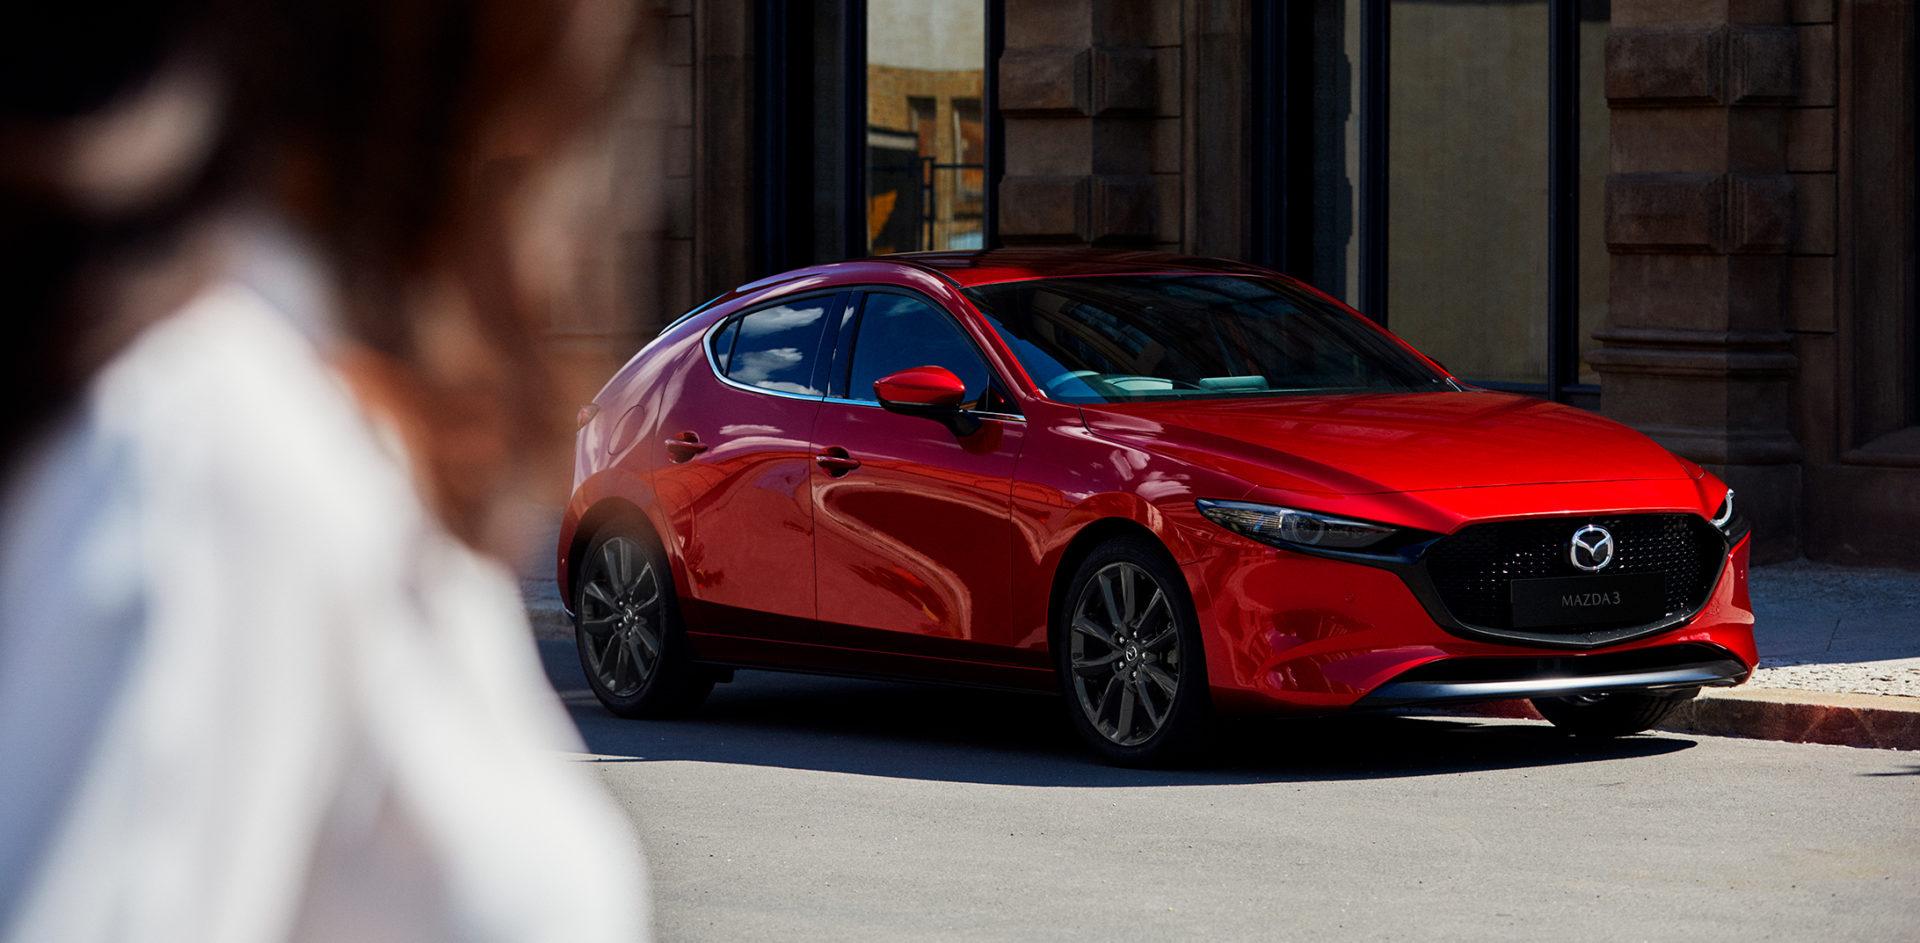 Mazda 3 wins at 2019 Scottish Car of the Year Awards